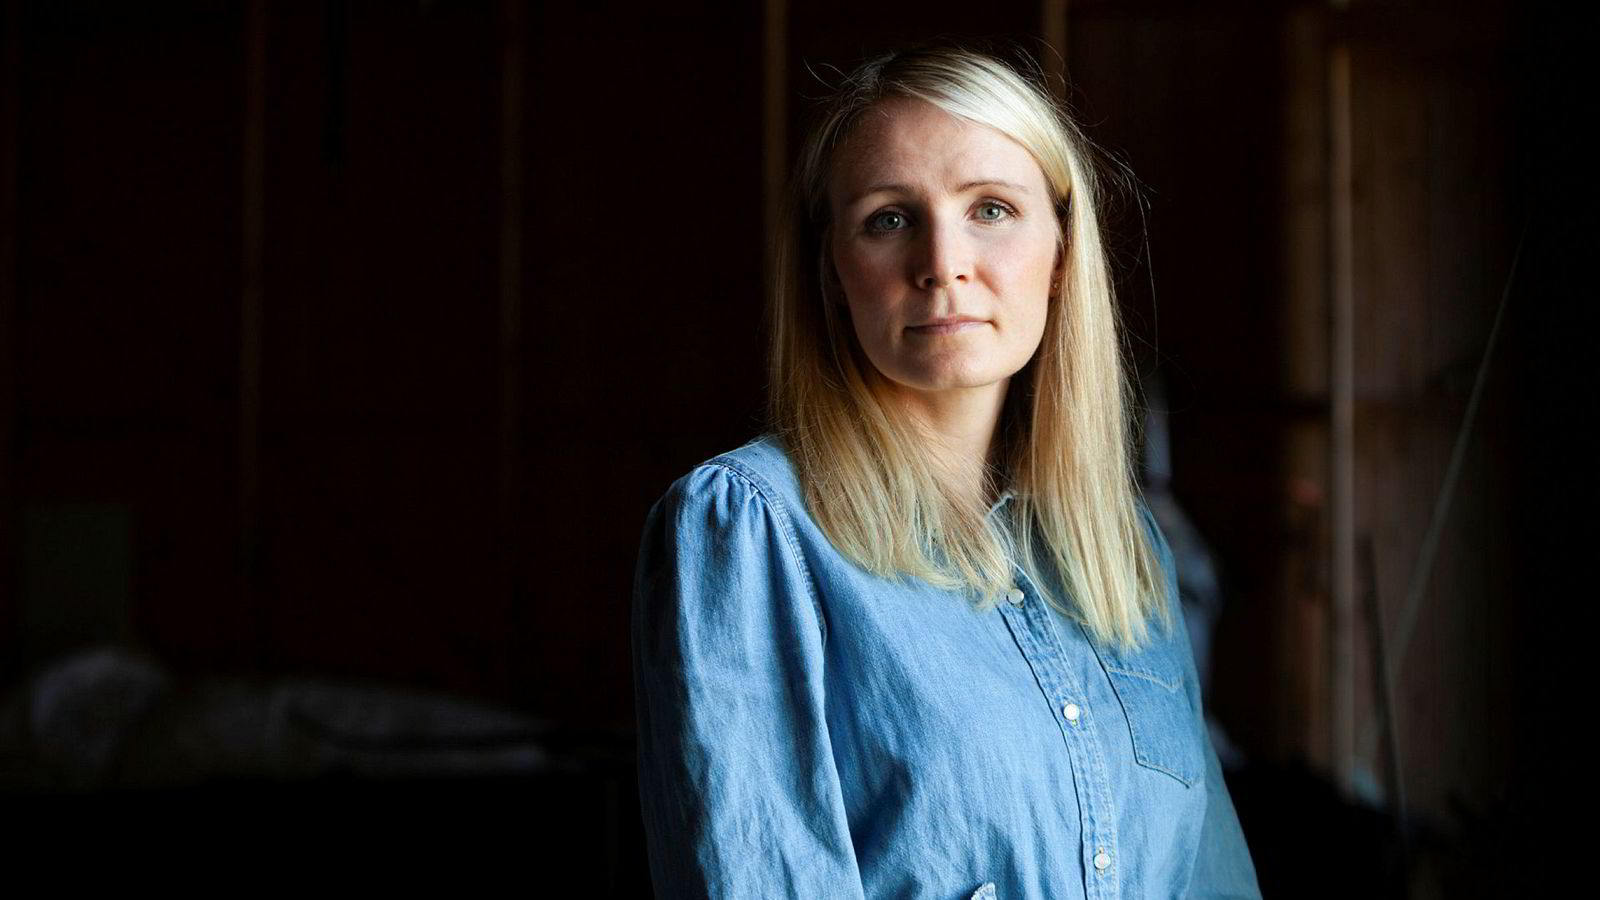 Arbeidsrettsadvokat Nina Elisabeth Thjømøe mener frykt for dårlig renommé gjør at arbeidsgivere tar Metoo på alvor.